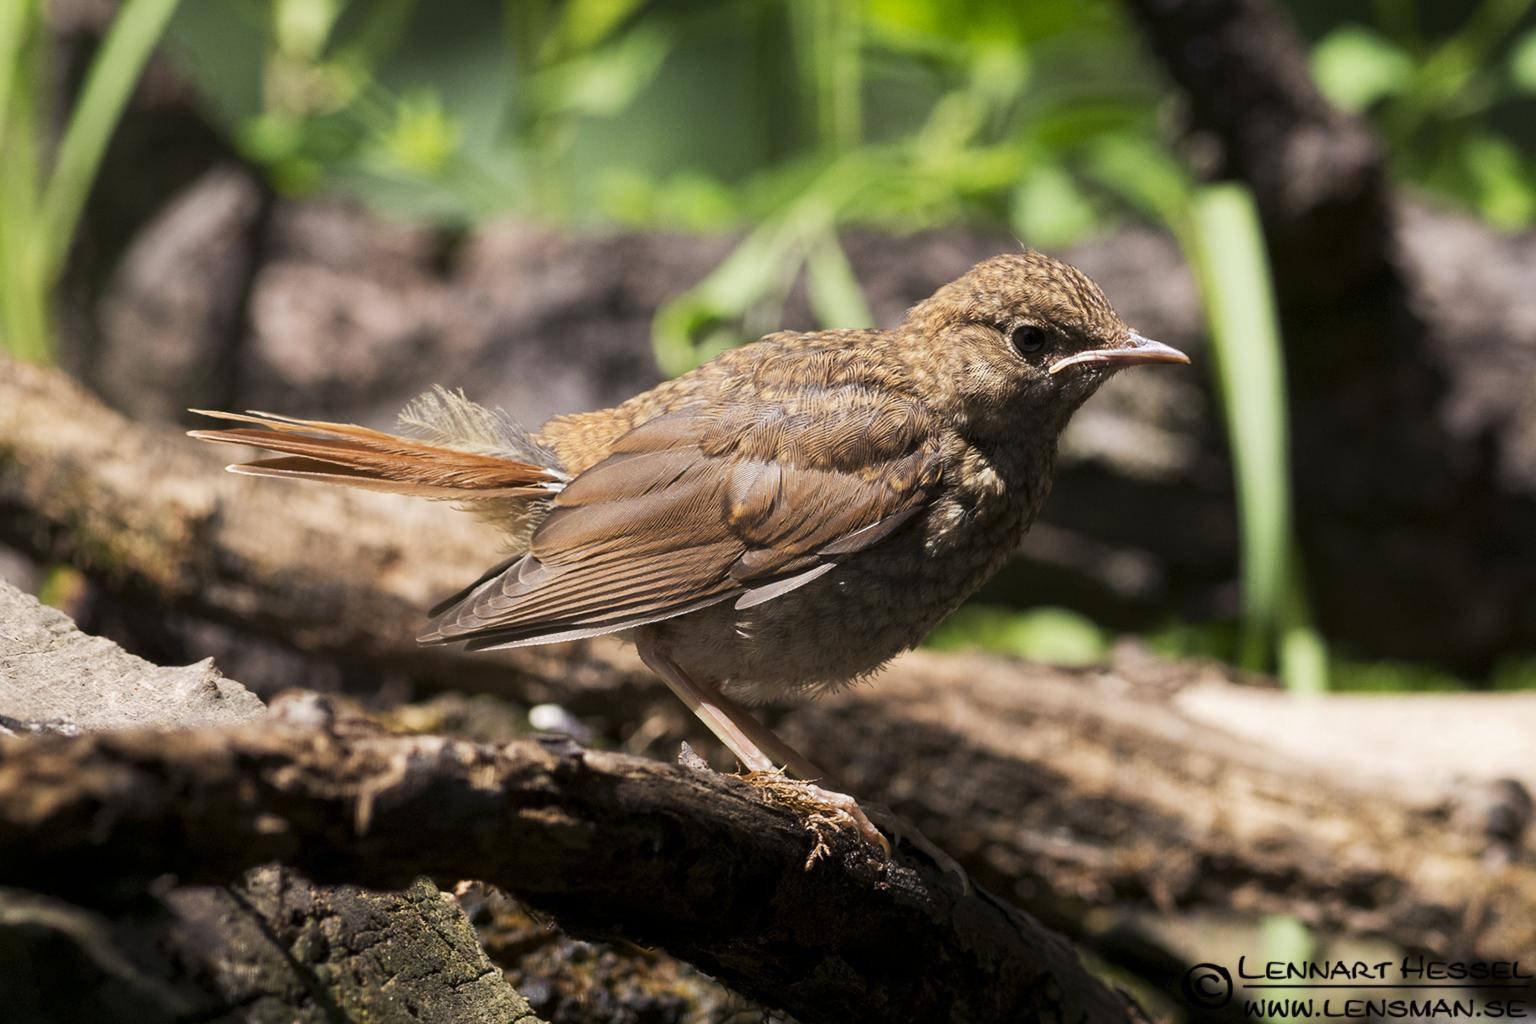 Nightingale in Hungary